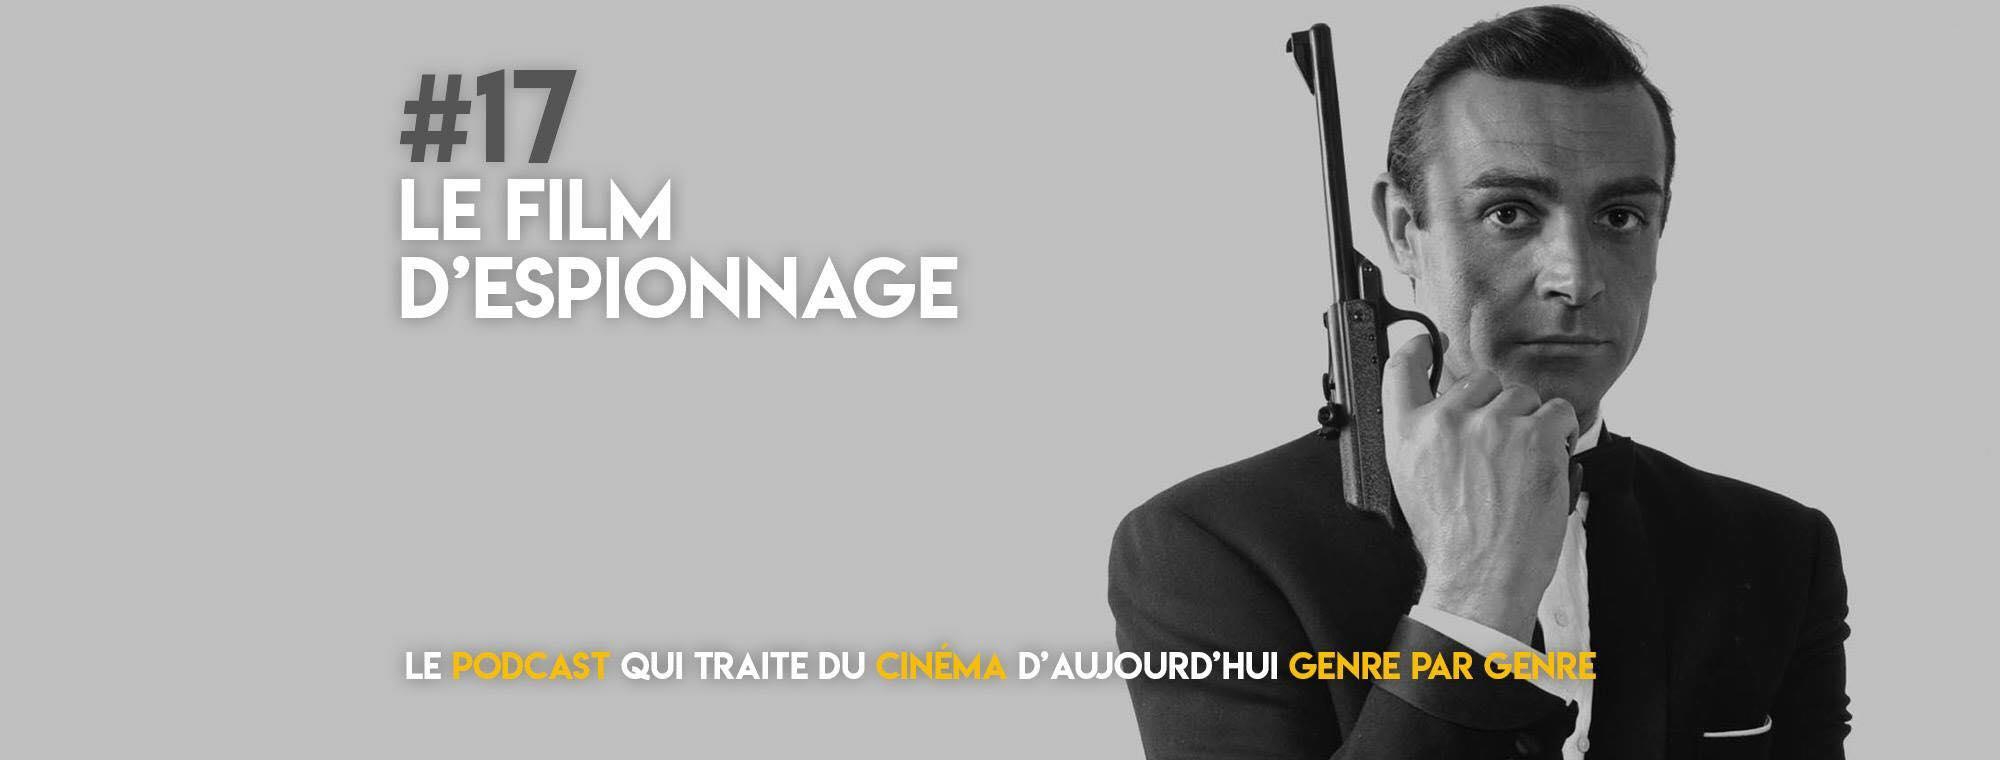 Parlons Péloches - #17 Le film d'espionnage